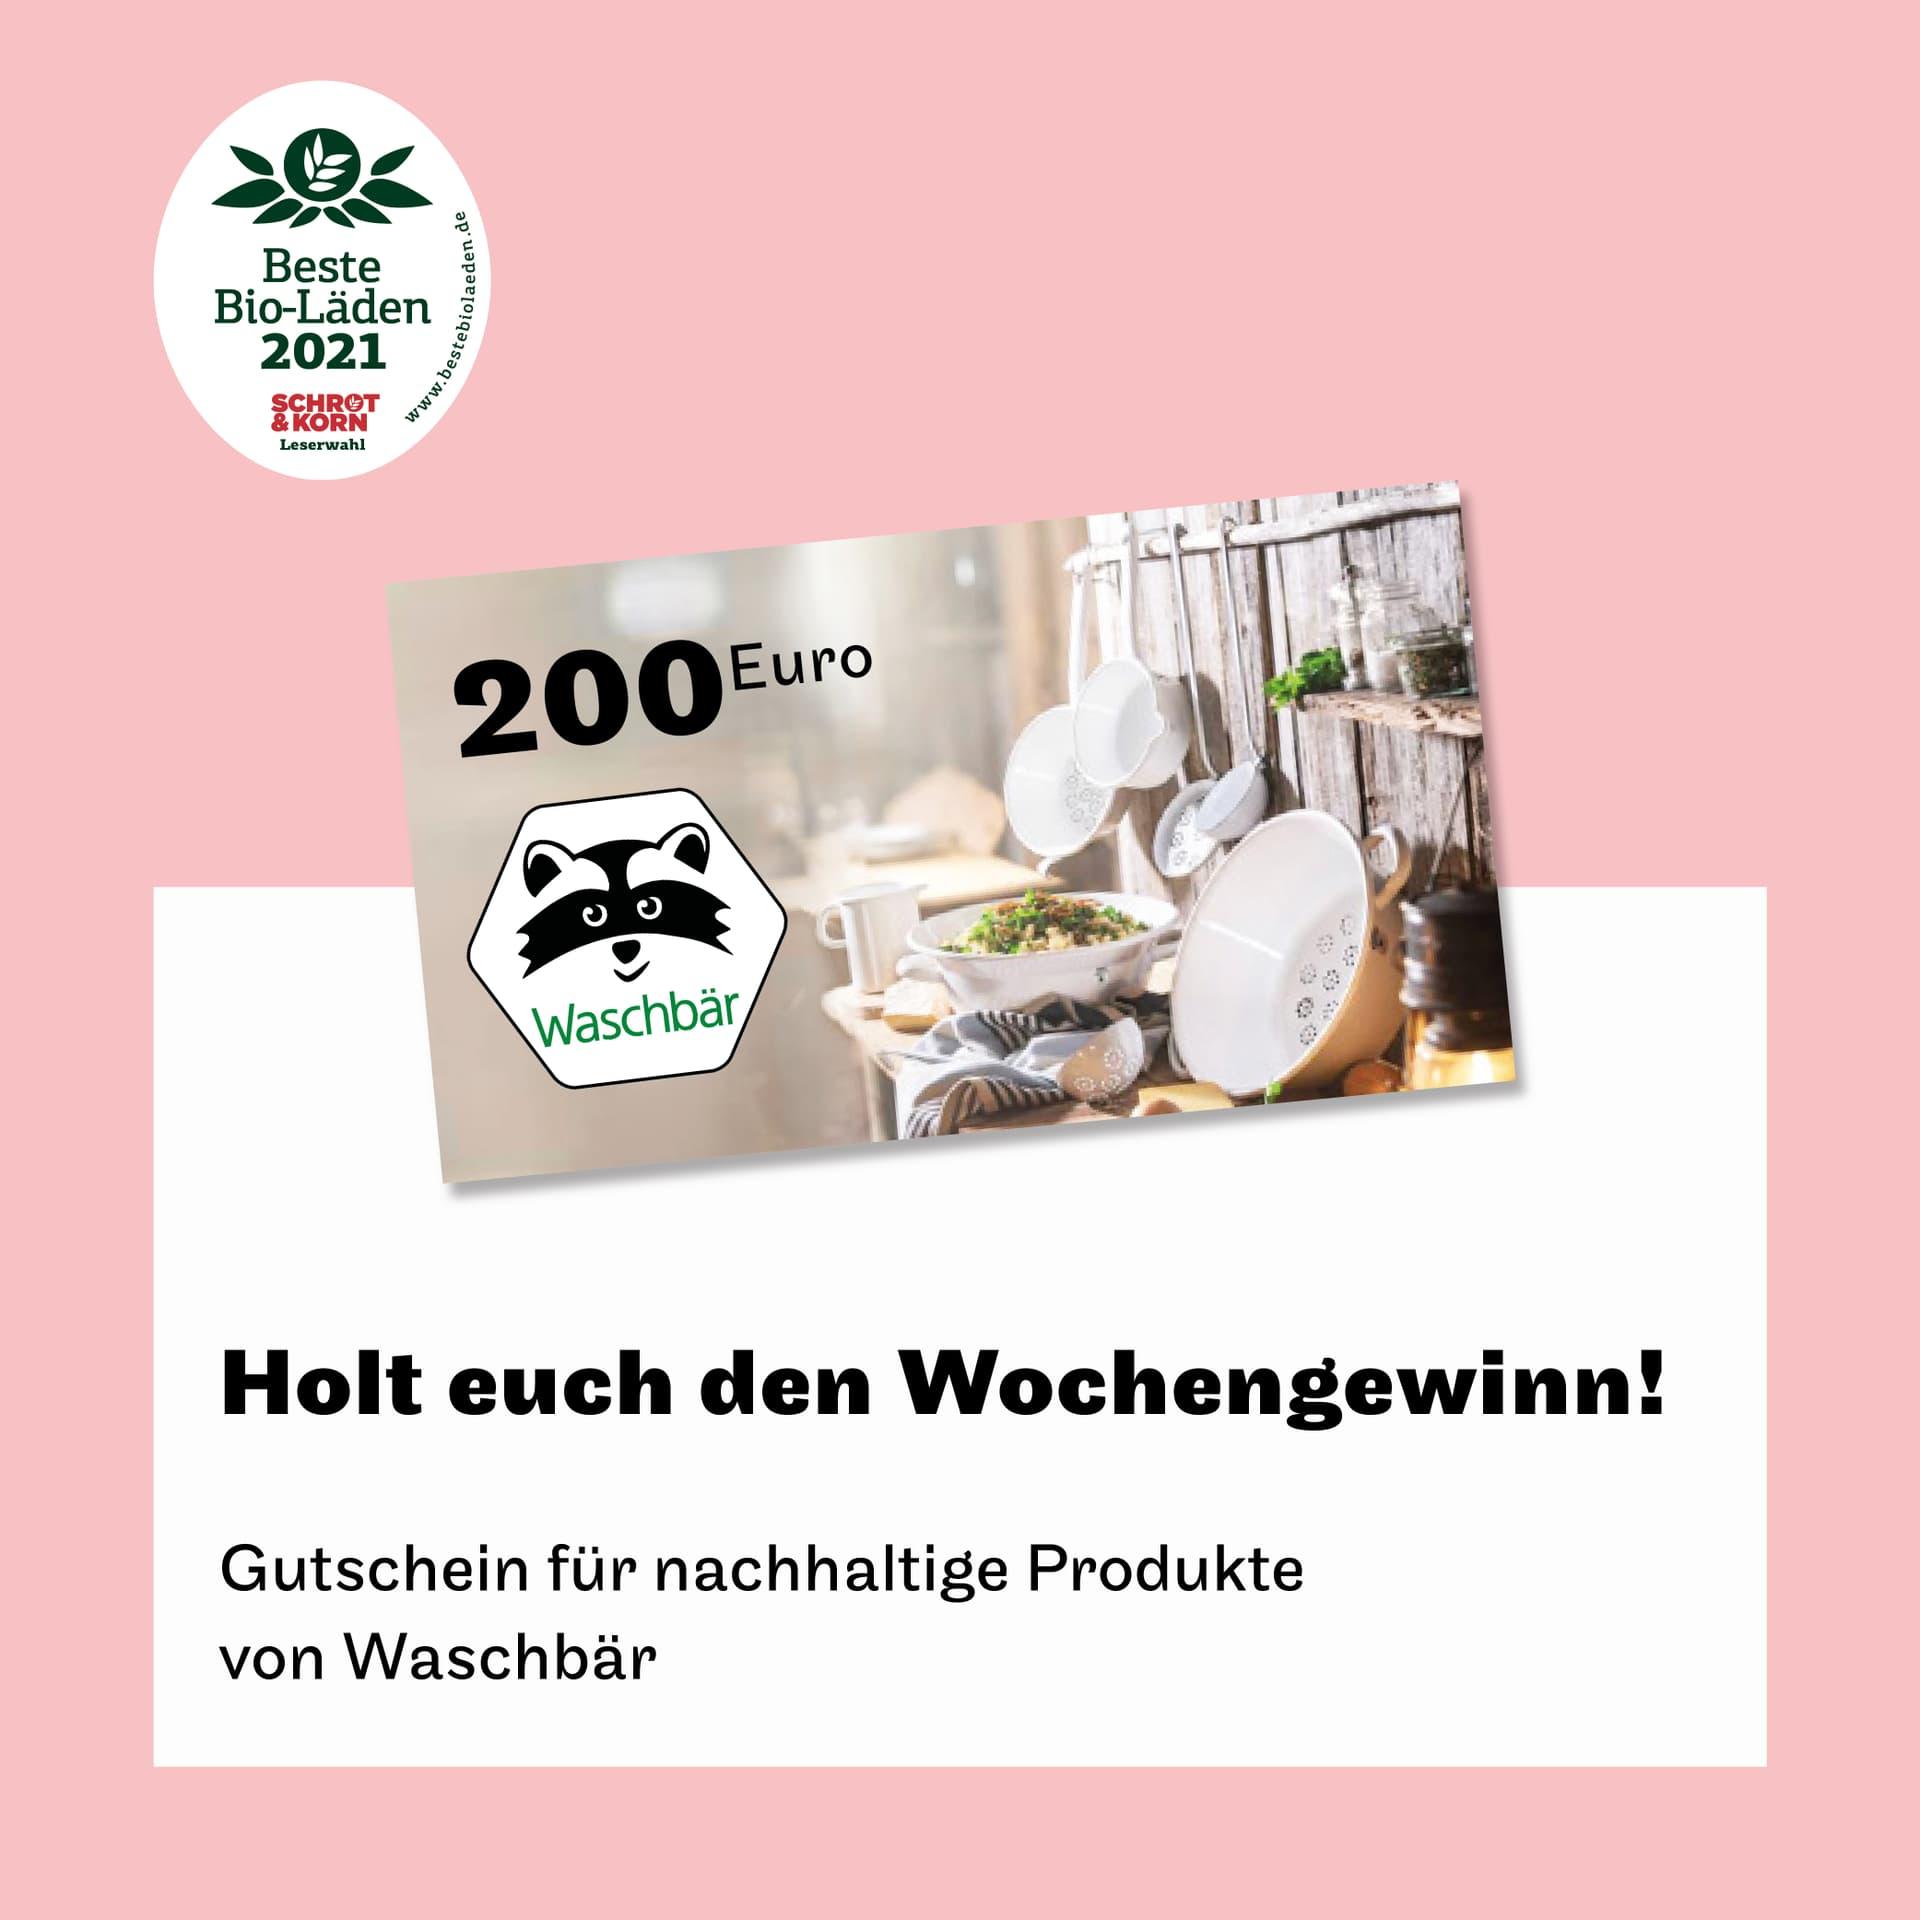 Gutschein von Waschbär über 200 Euro